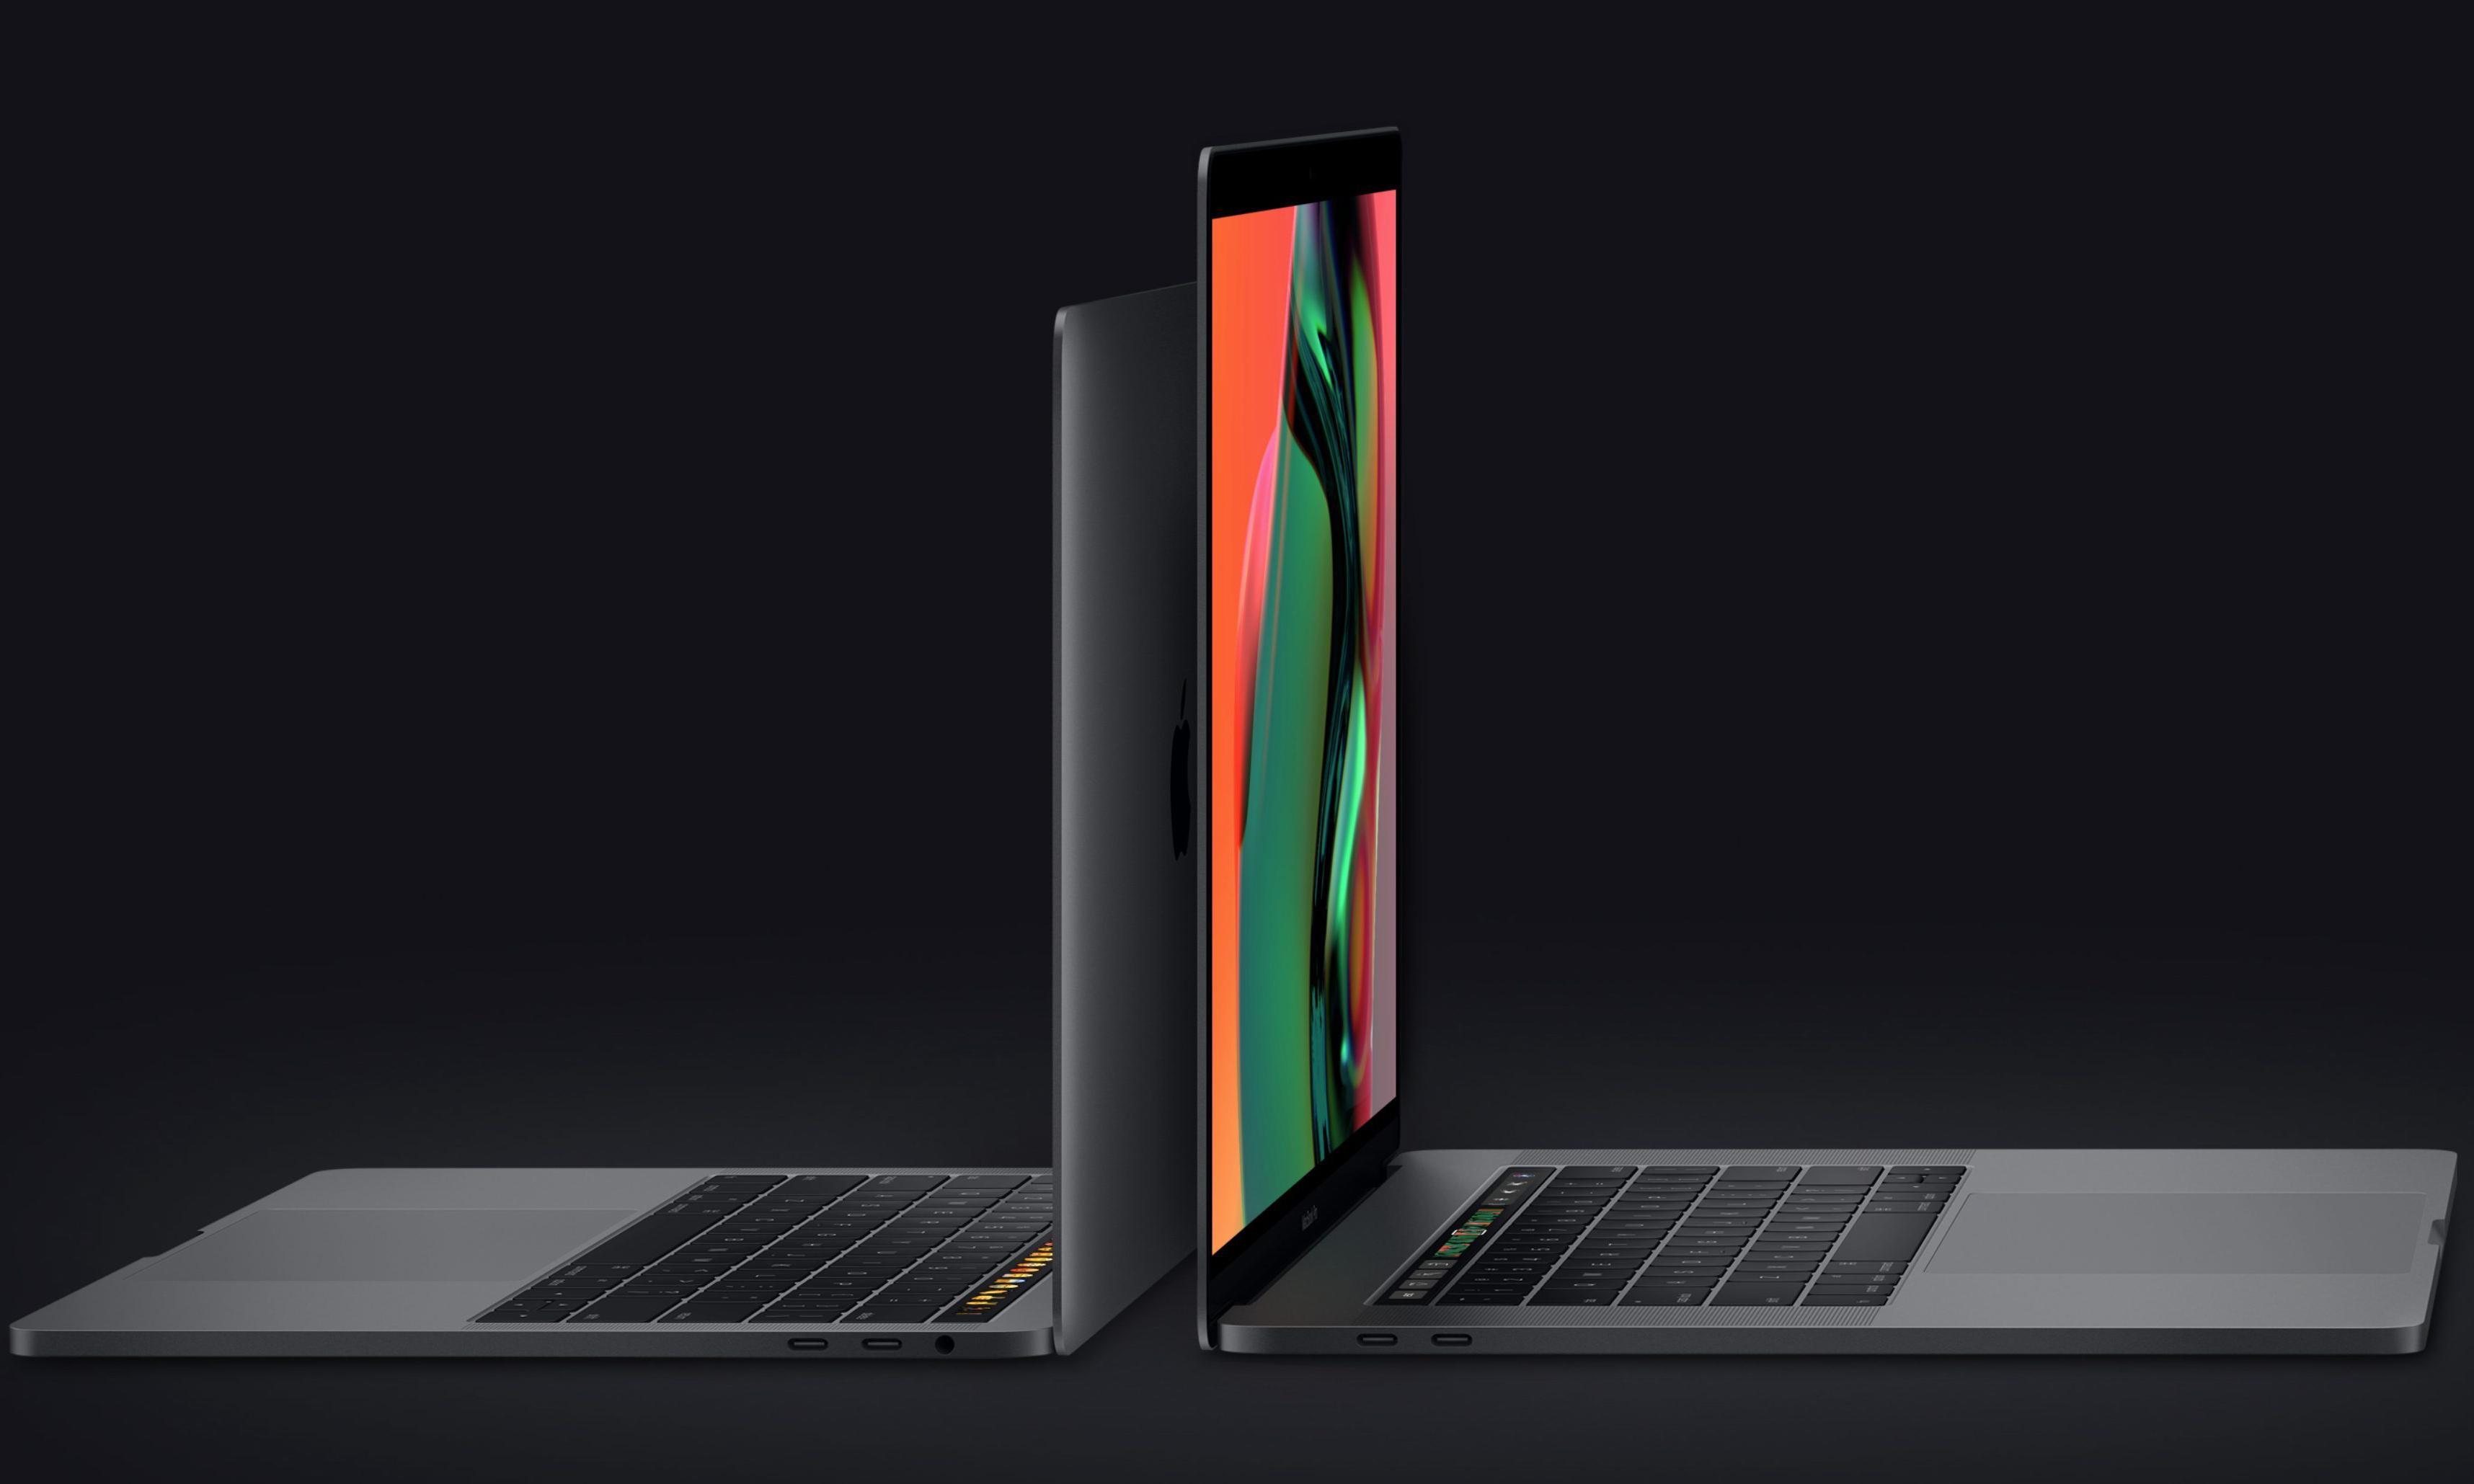 苹果或将于今年推出 16 英寸 MacBook Pro